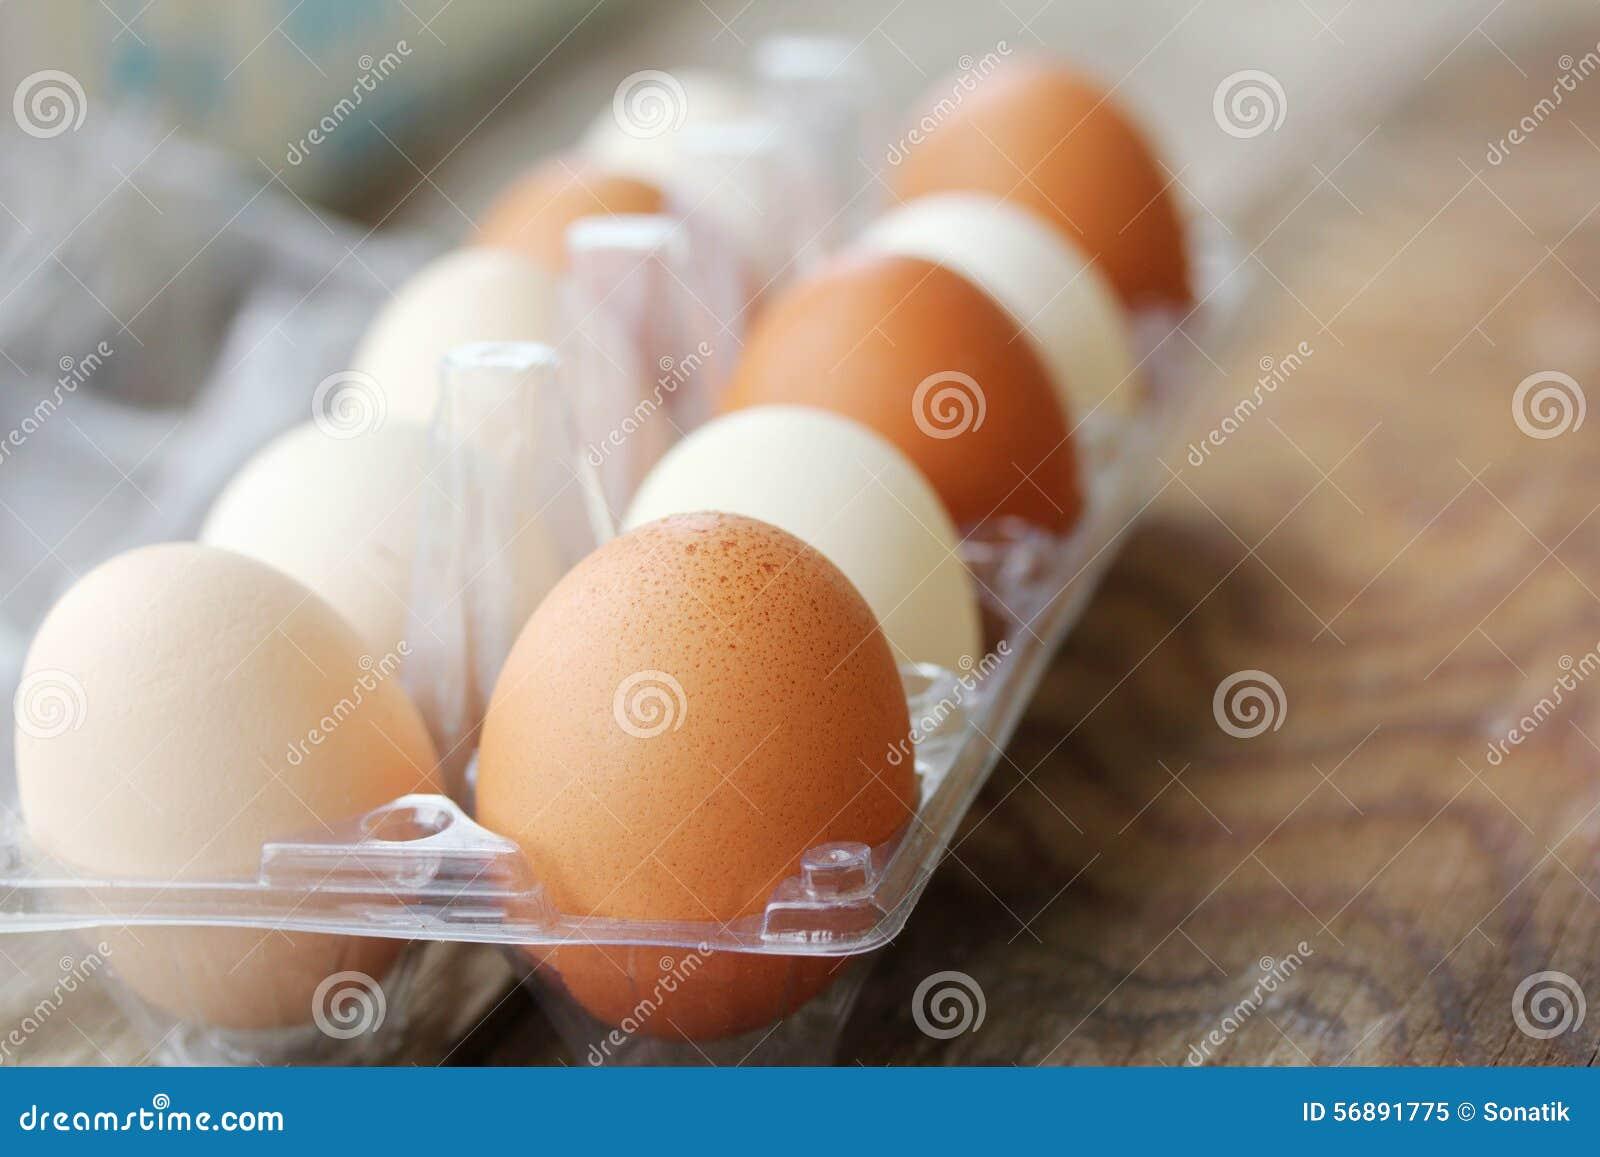 Uova in imballaggio